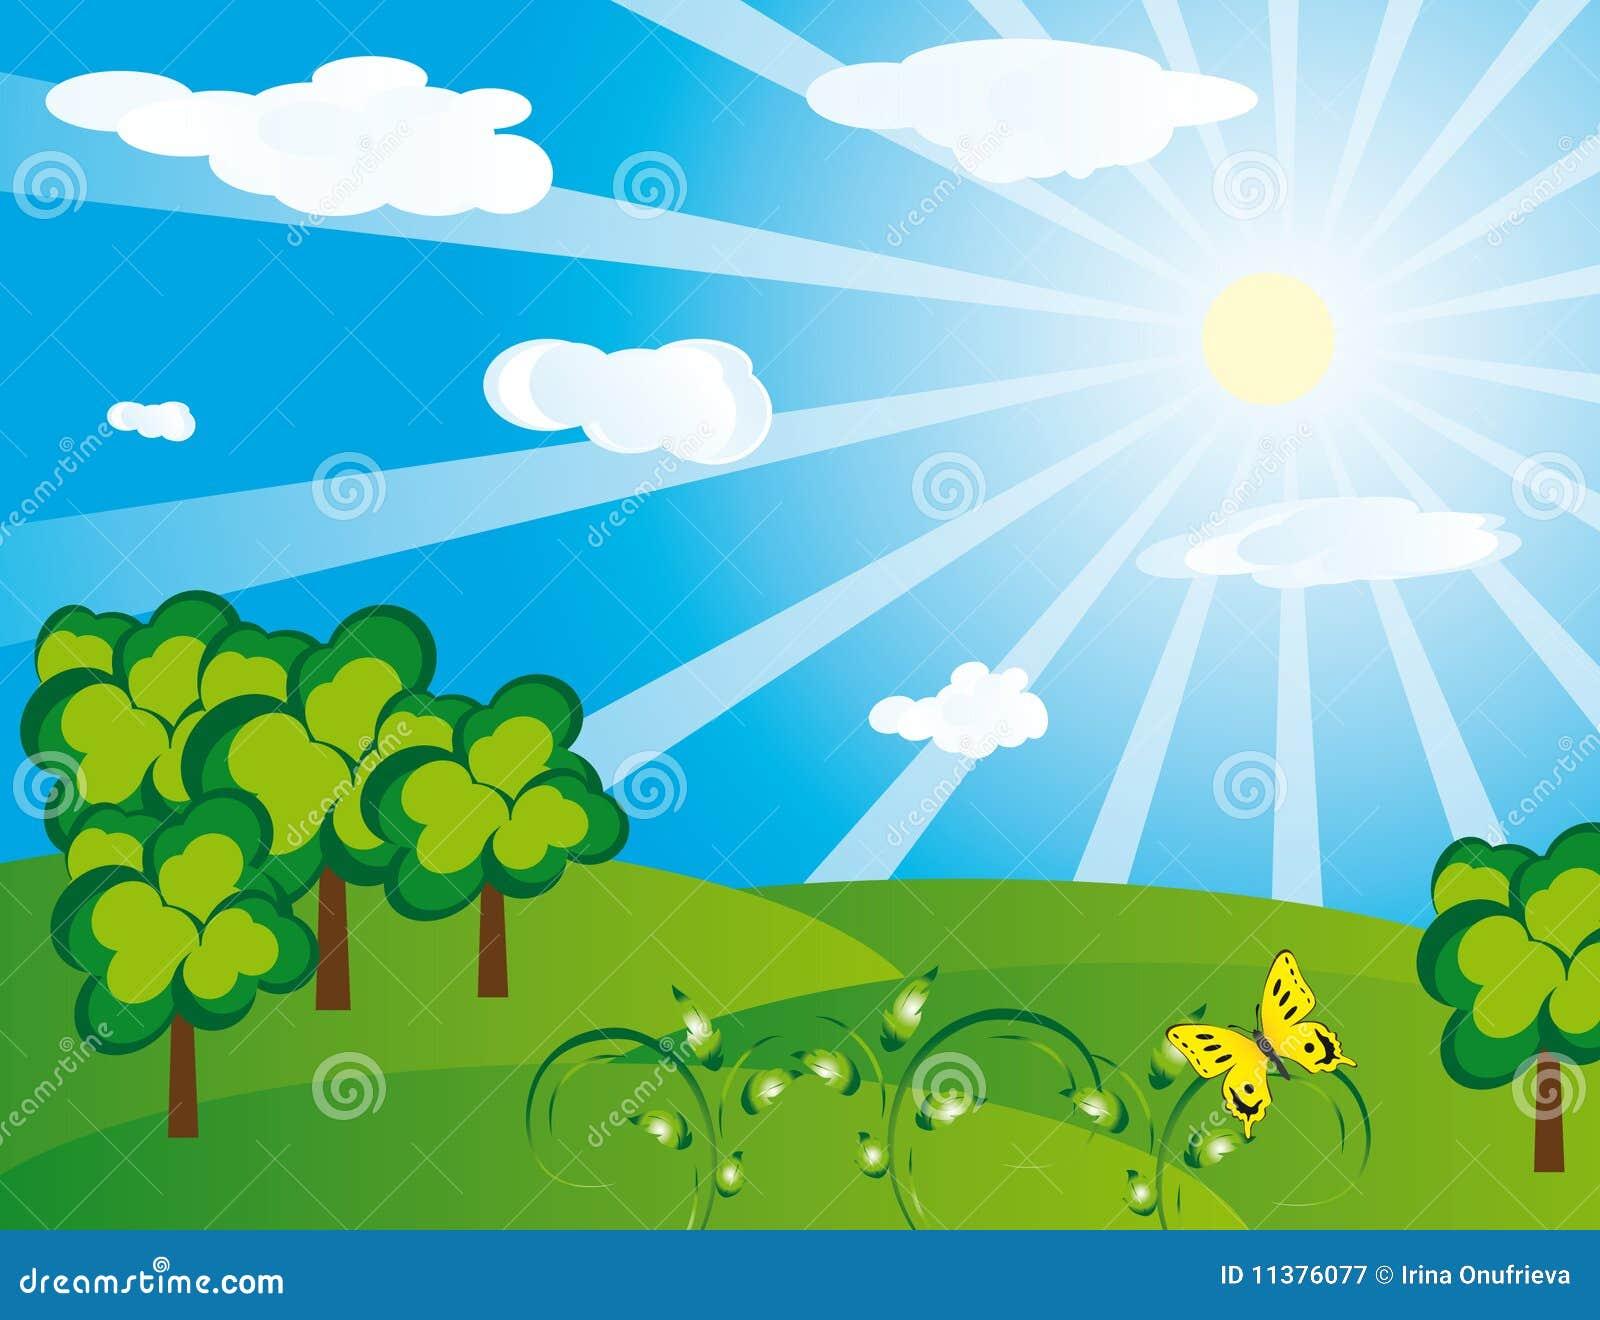 Картинки солнечной погоды для детей, веселого солнышка без